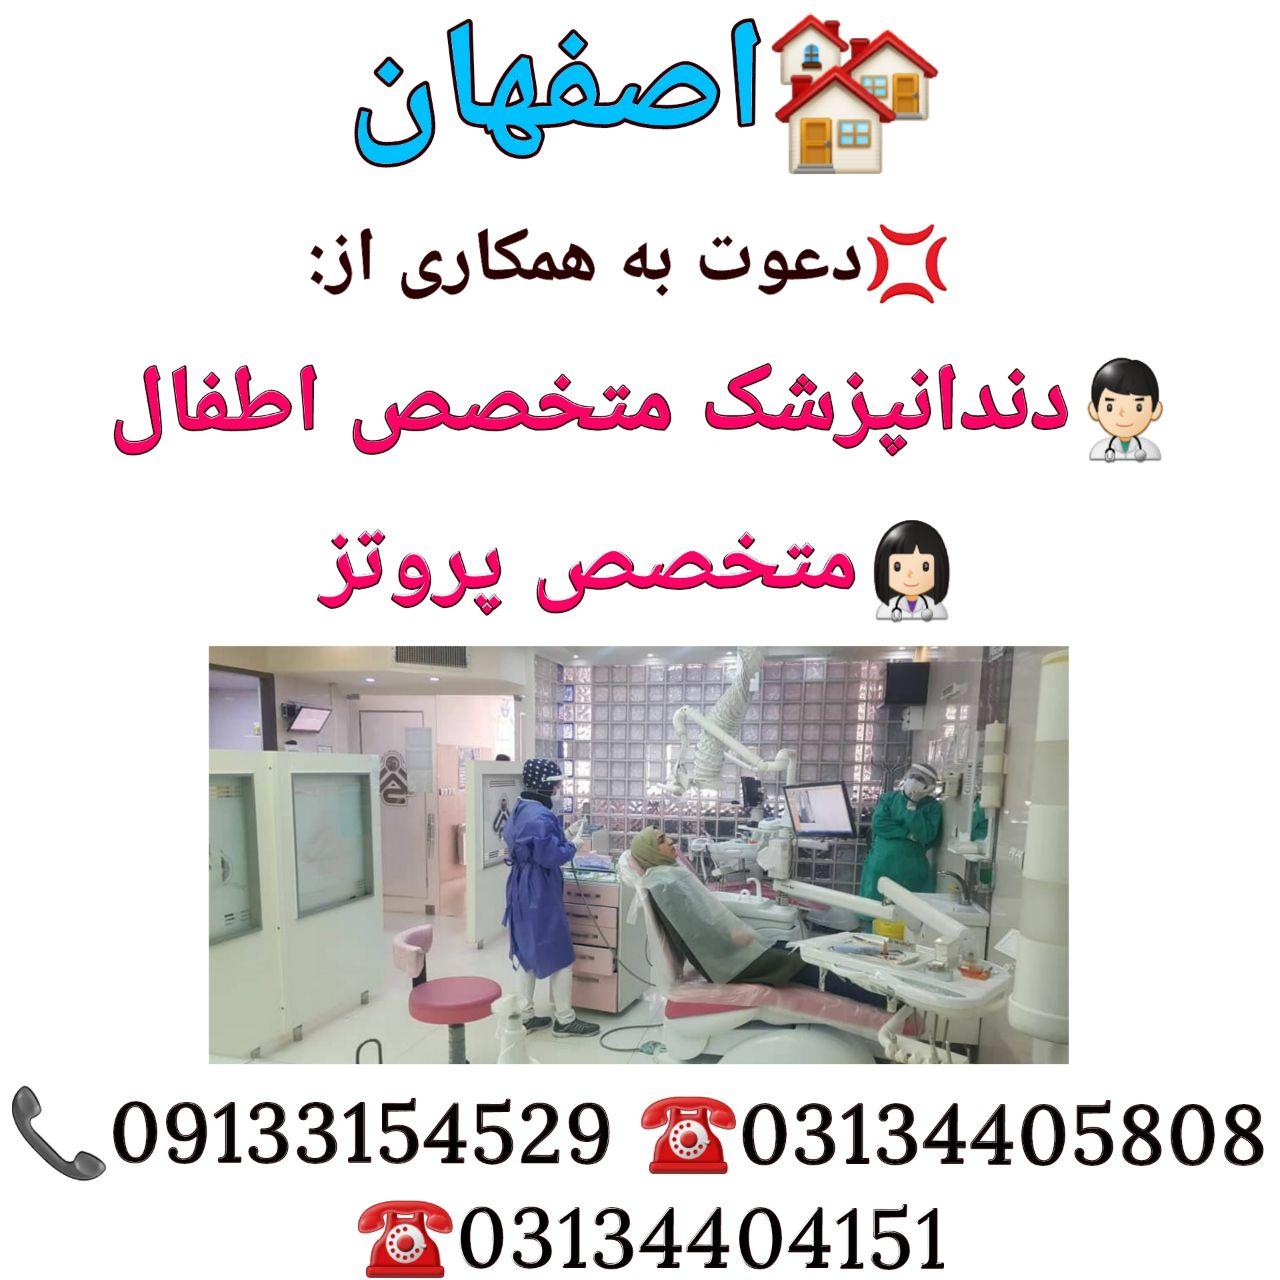 اصفهان: نیاز به دندانپزشک متخصص اطفال، و متخصص پروتز